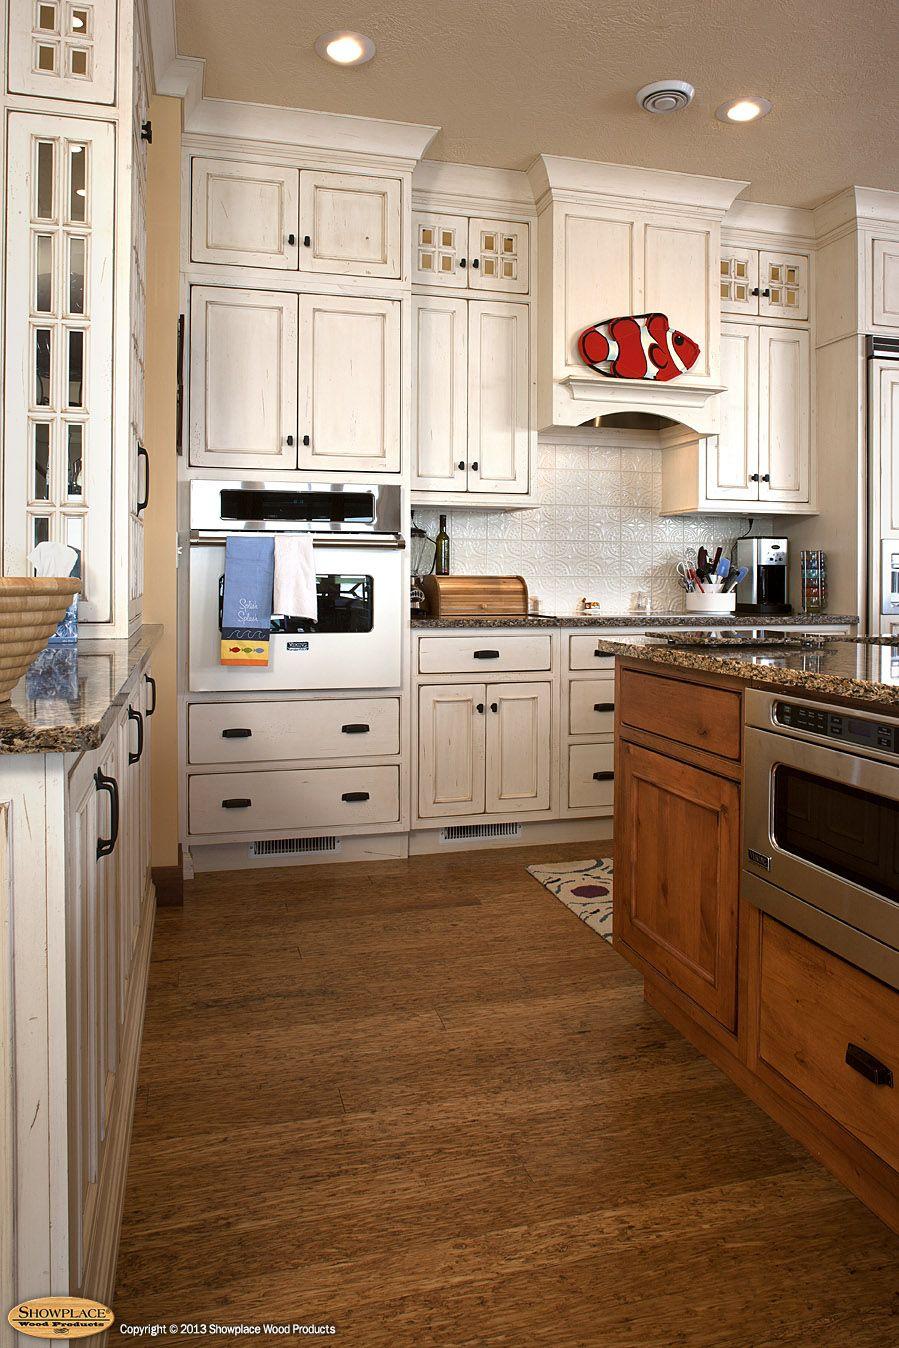 viking oven microwave kitchen style viking kitchen beautiful kitchens on outdoor kitchen vintage id=24774